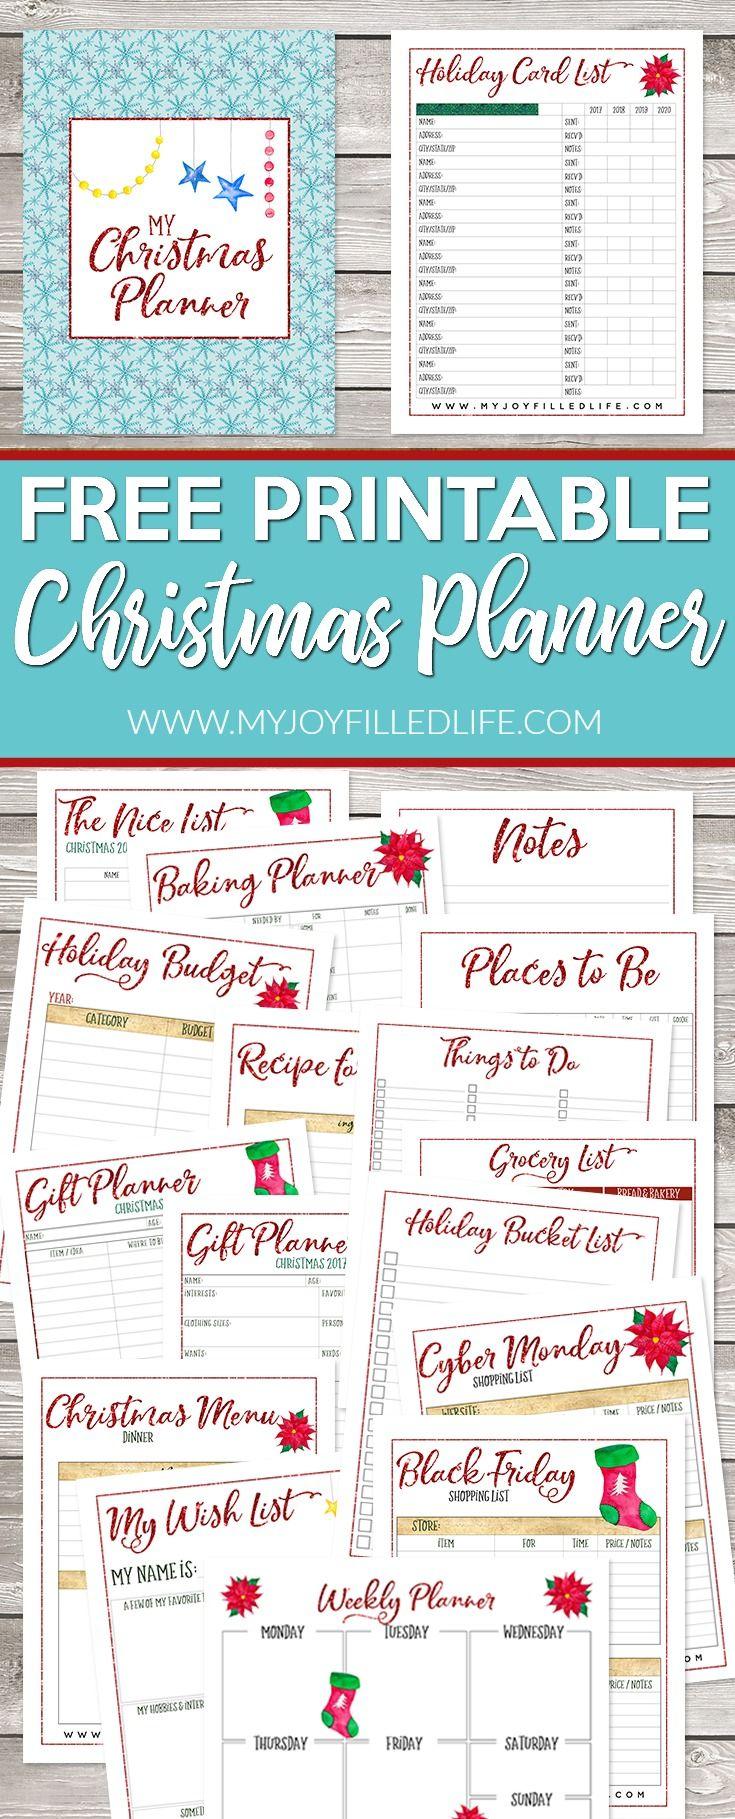 Christmas Planners 2020 Printable Christmas Planner | Christmas planner printables